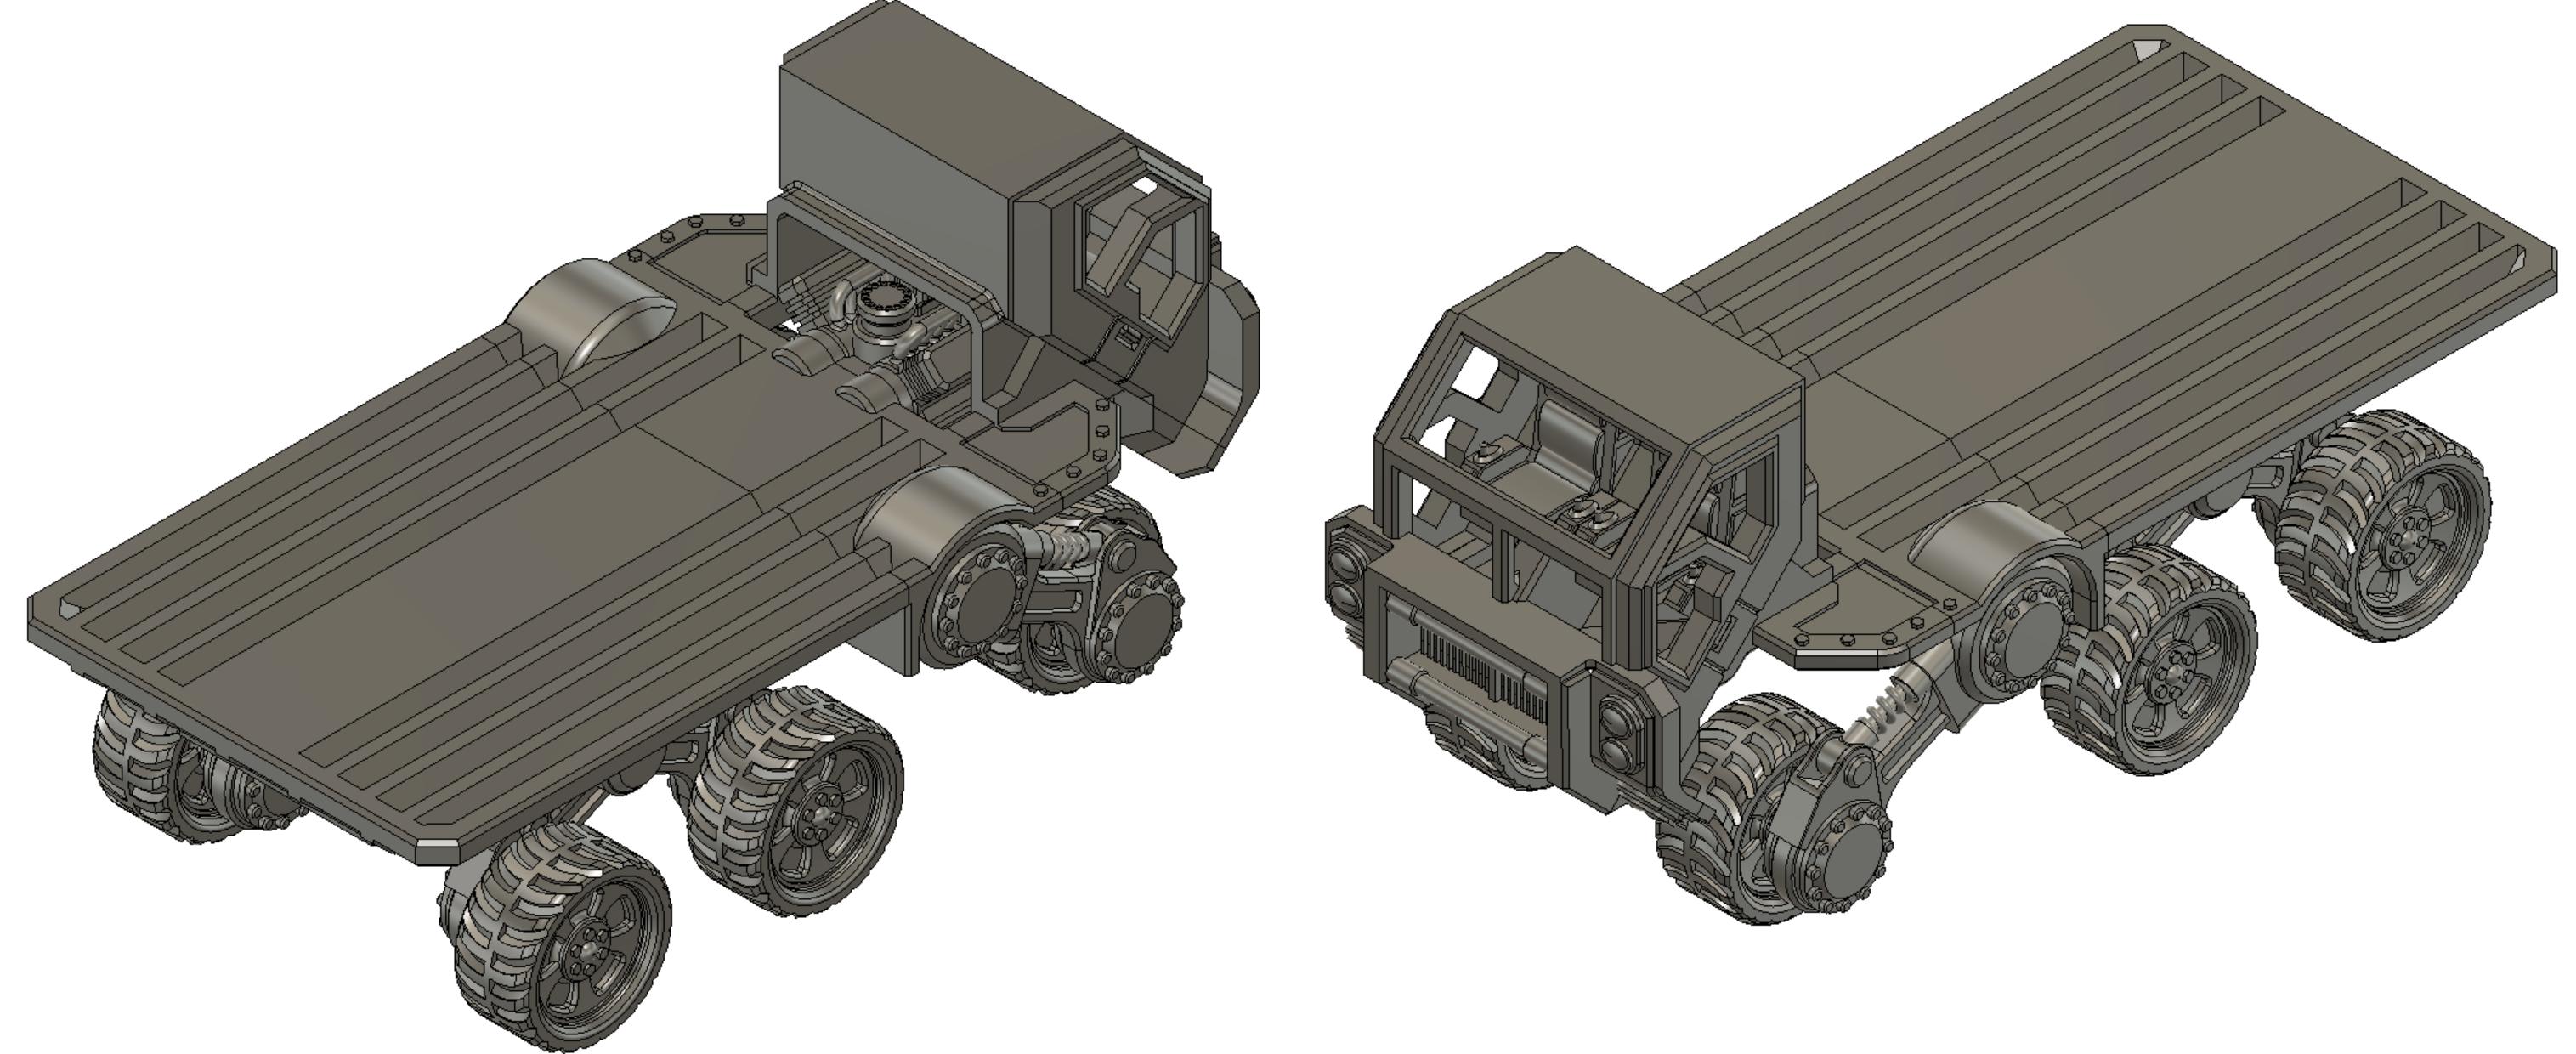 40K Necromunda vehicles V2